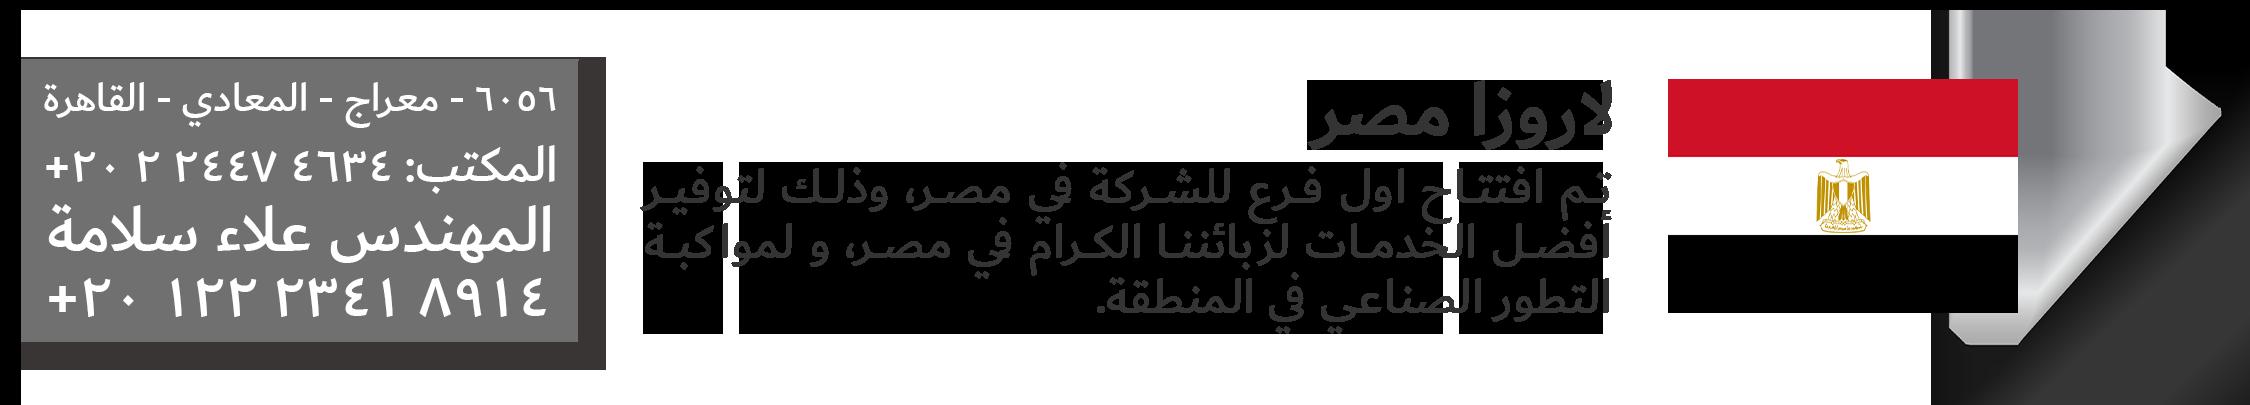 larosa-eygpt-smail-banner2.png